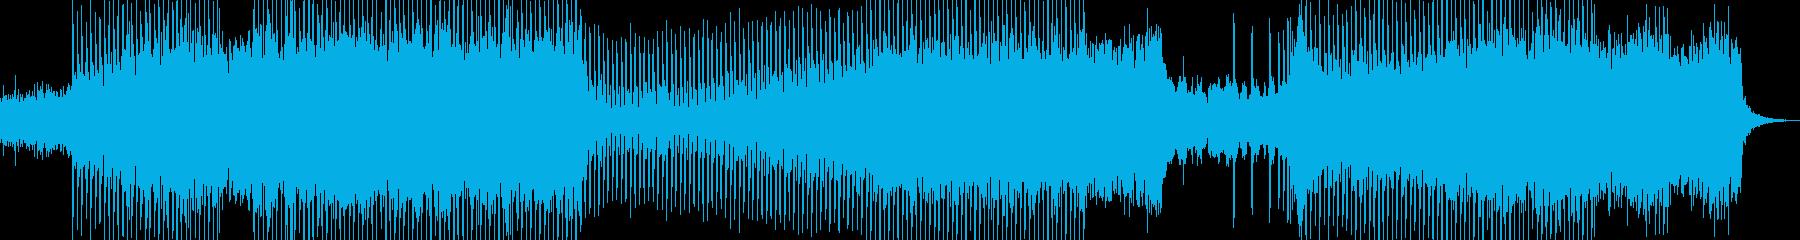 青をイメージした綺麗な王道トランスの再生済みの波形